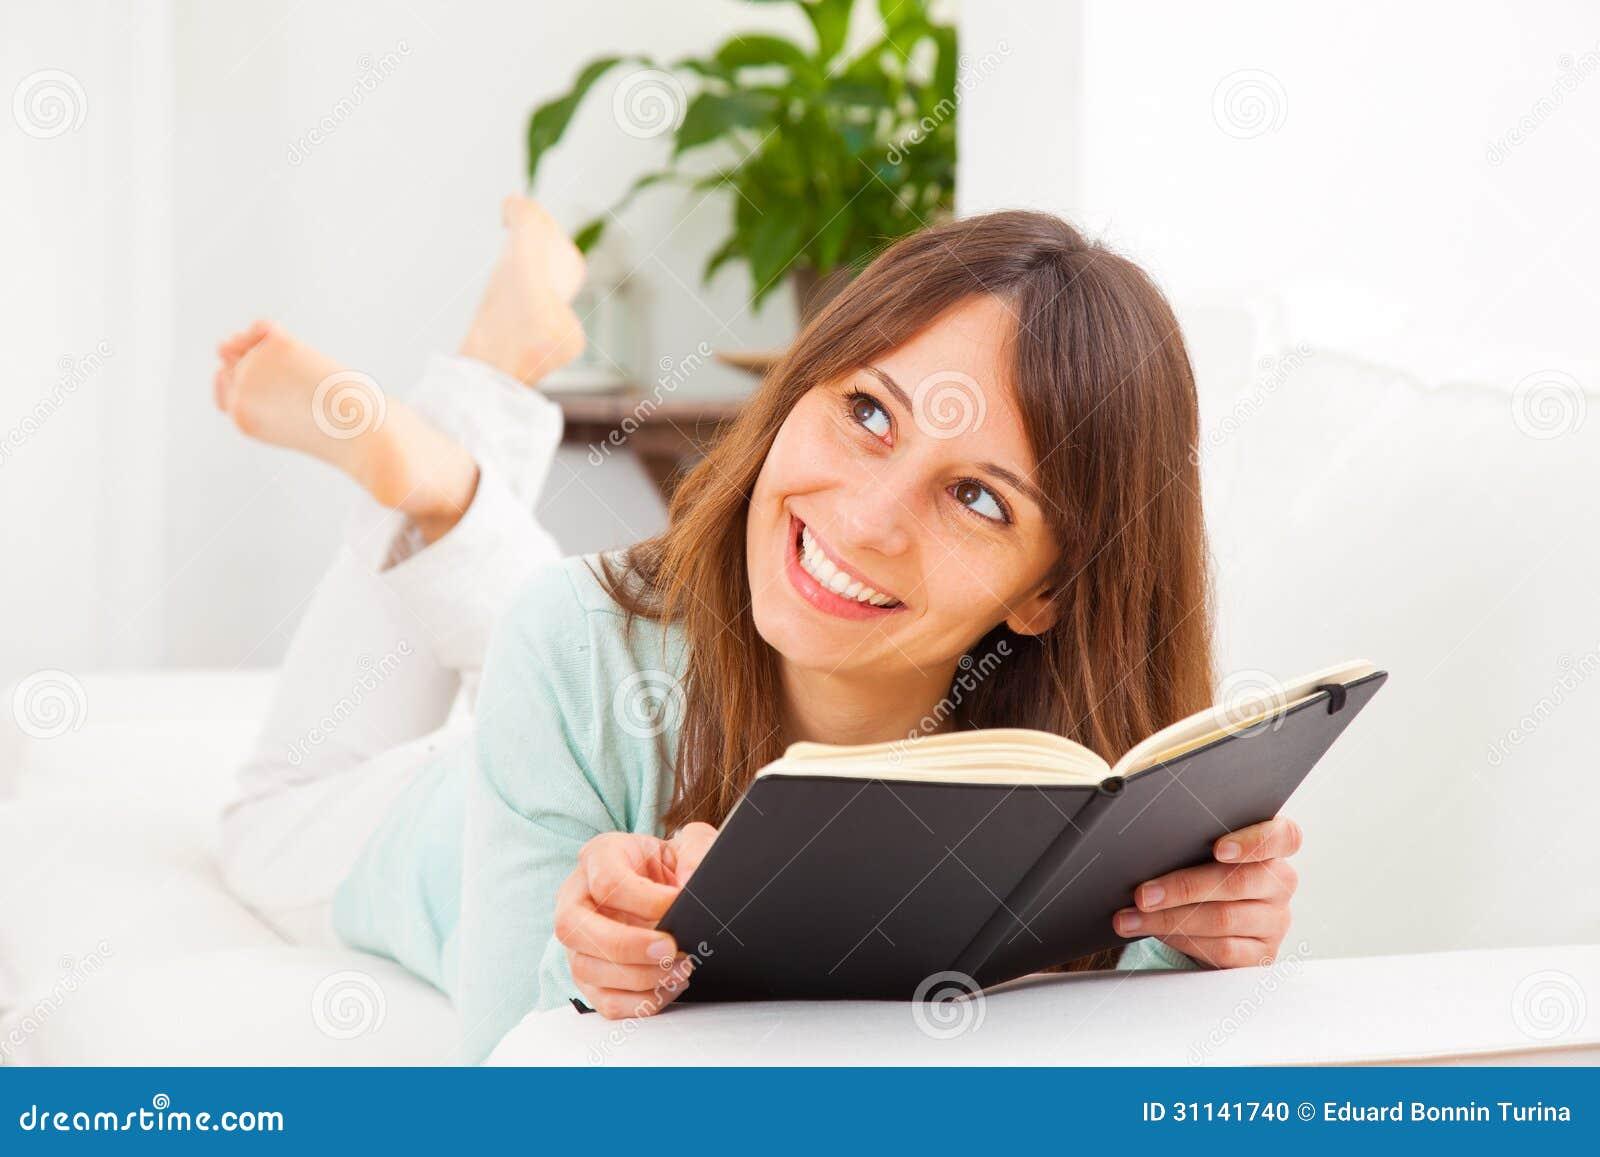 Junge Frau, die bequem auf Couch ausdehnt und ein Buch liest